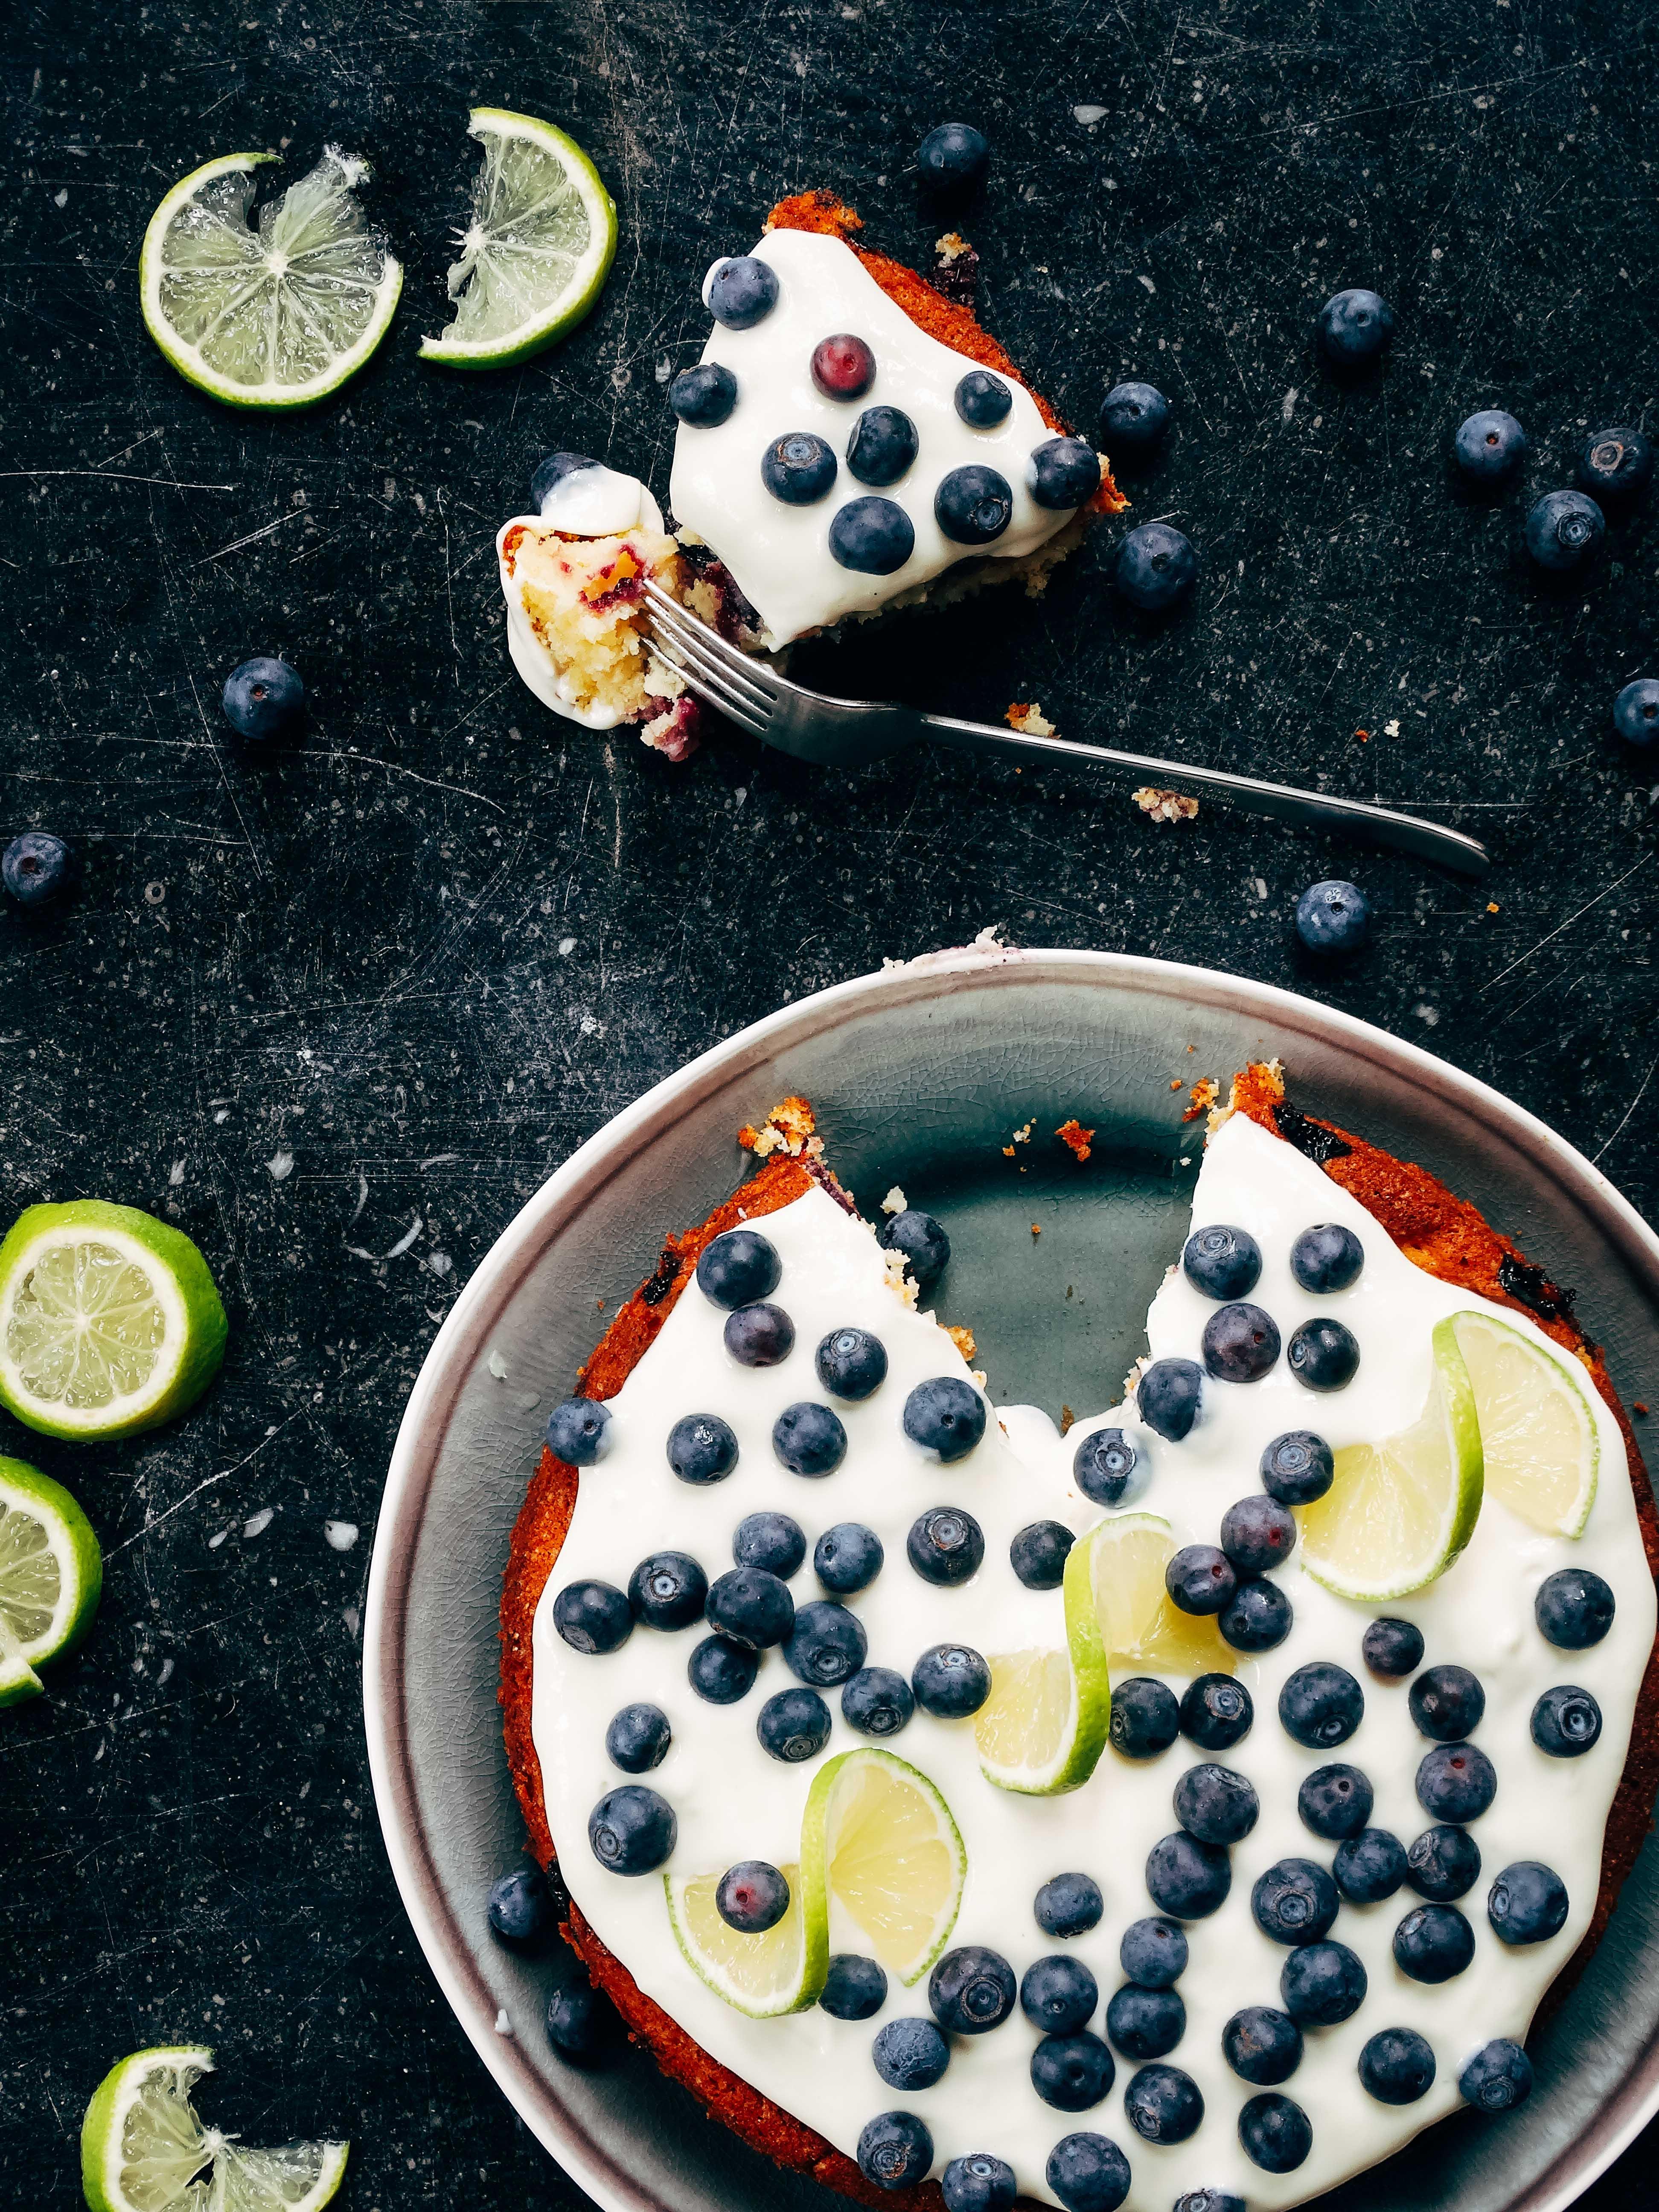 Blauwebessencake met limoen, marsepein en cheesecaketopping van smollen.be